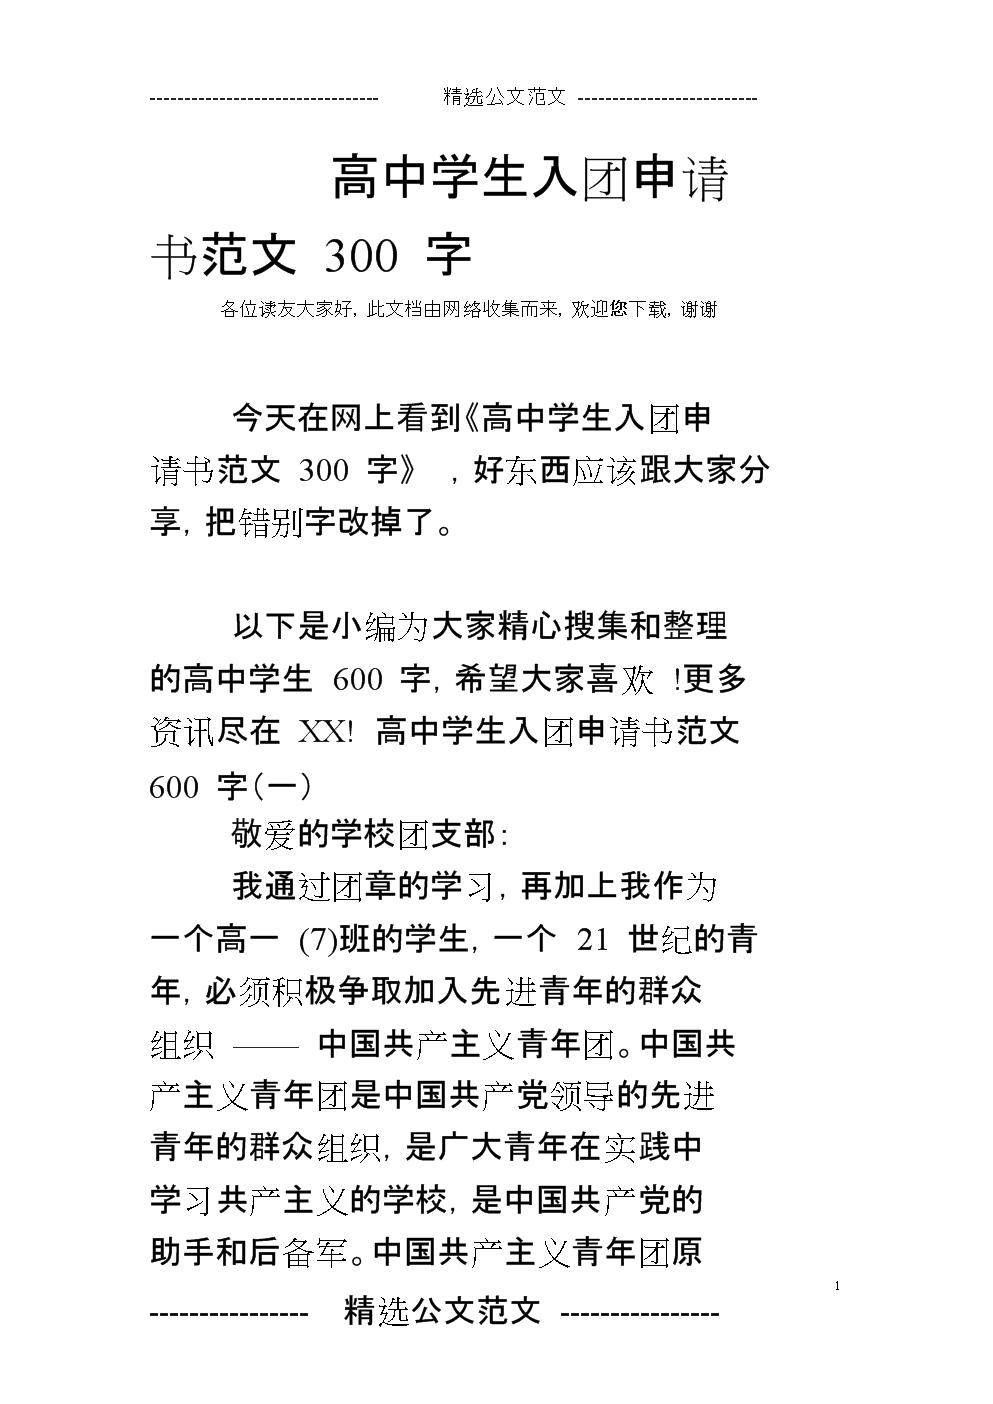 高中学生入团申请书范文300字.docx